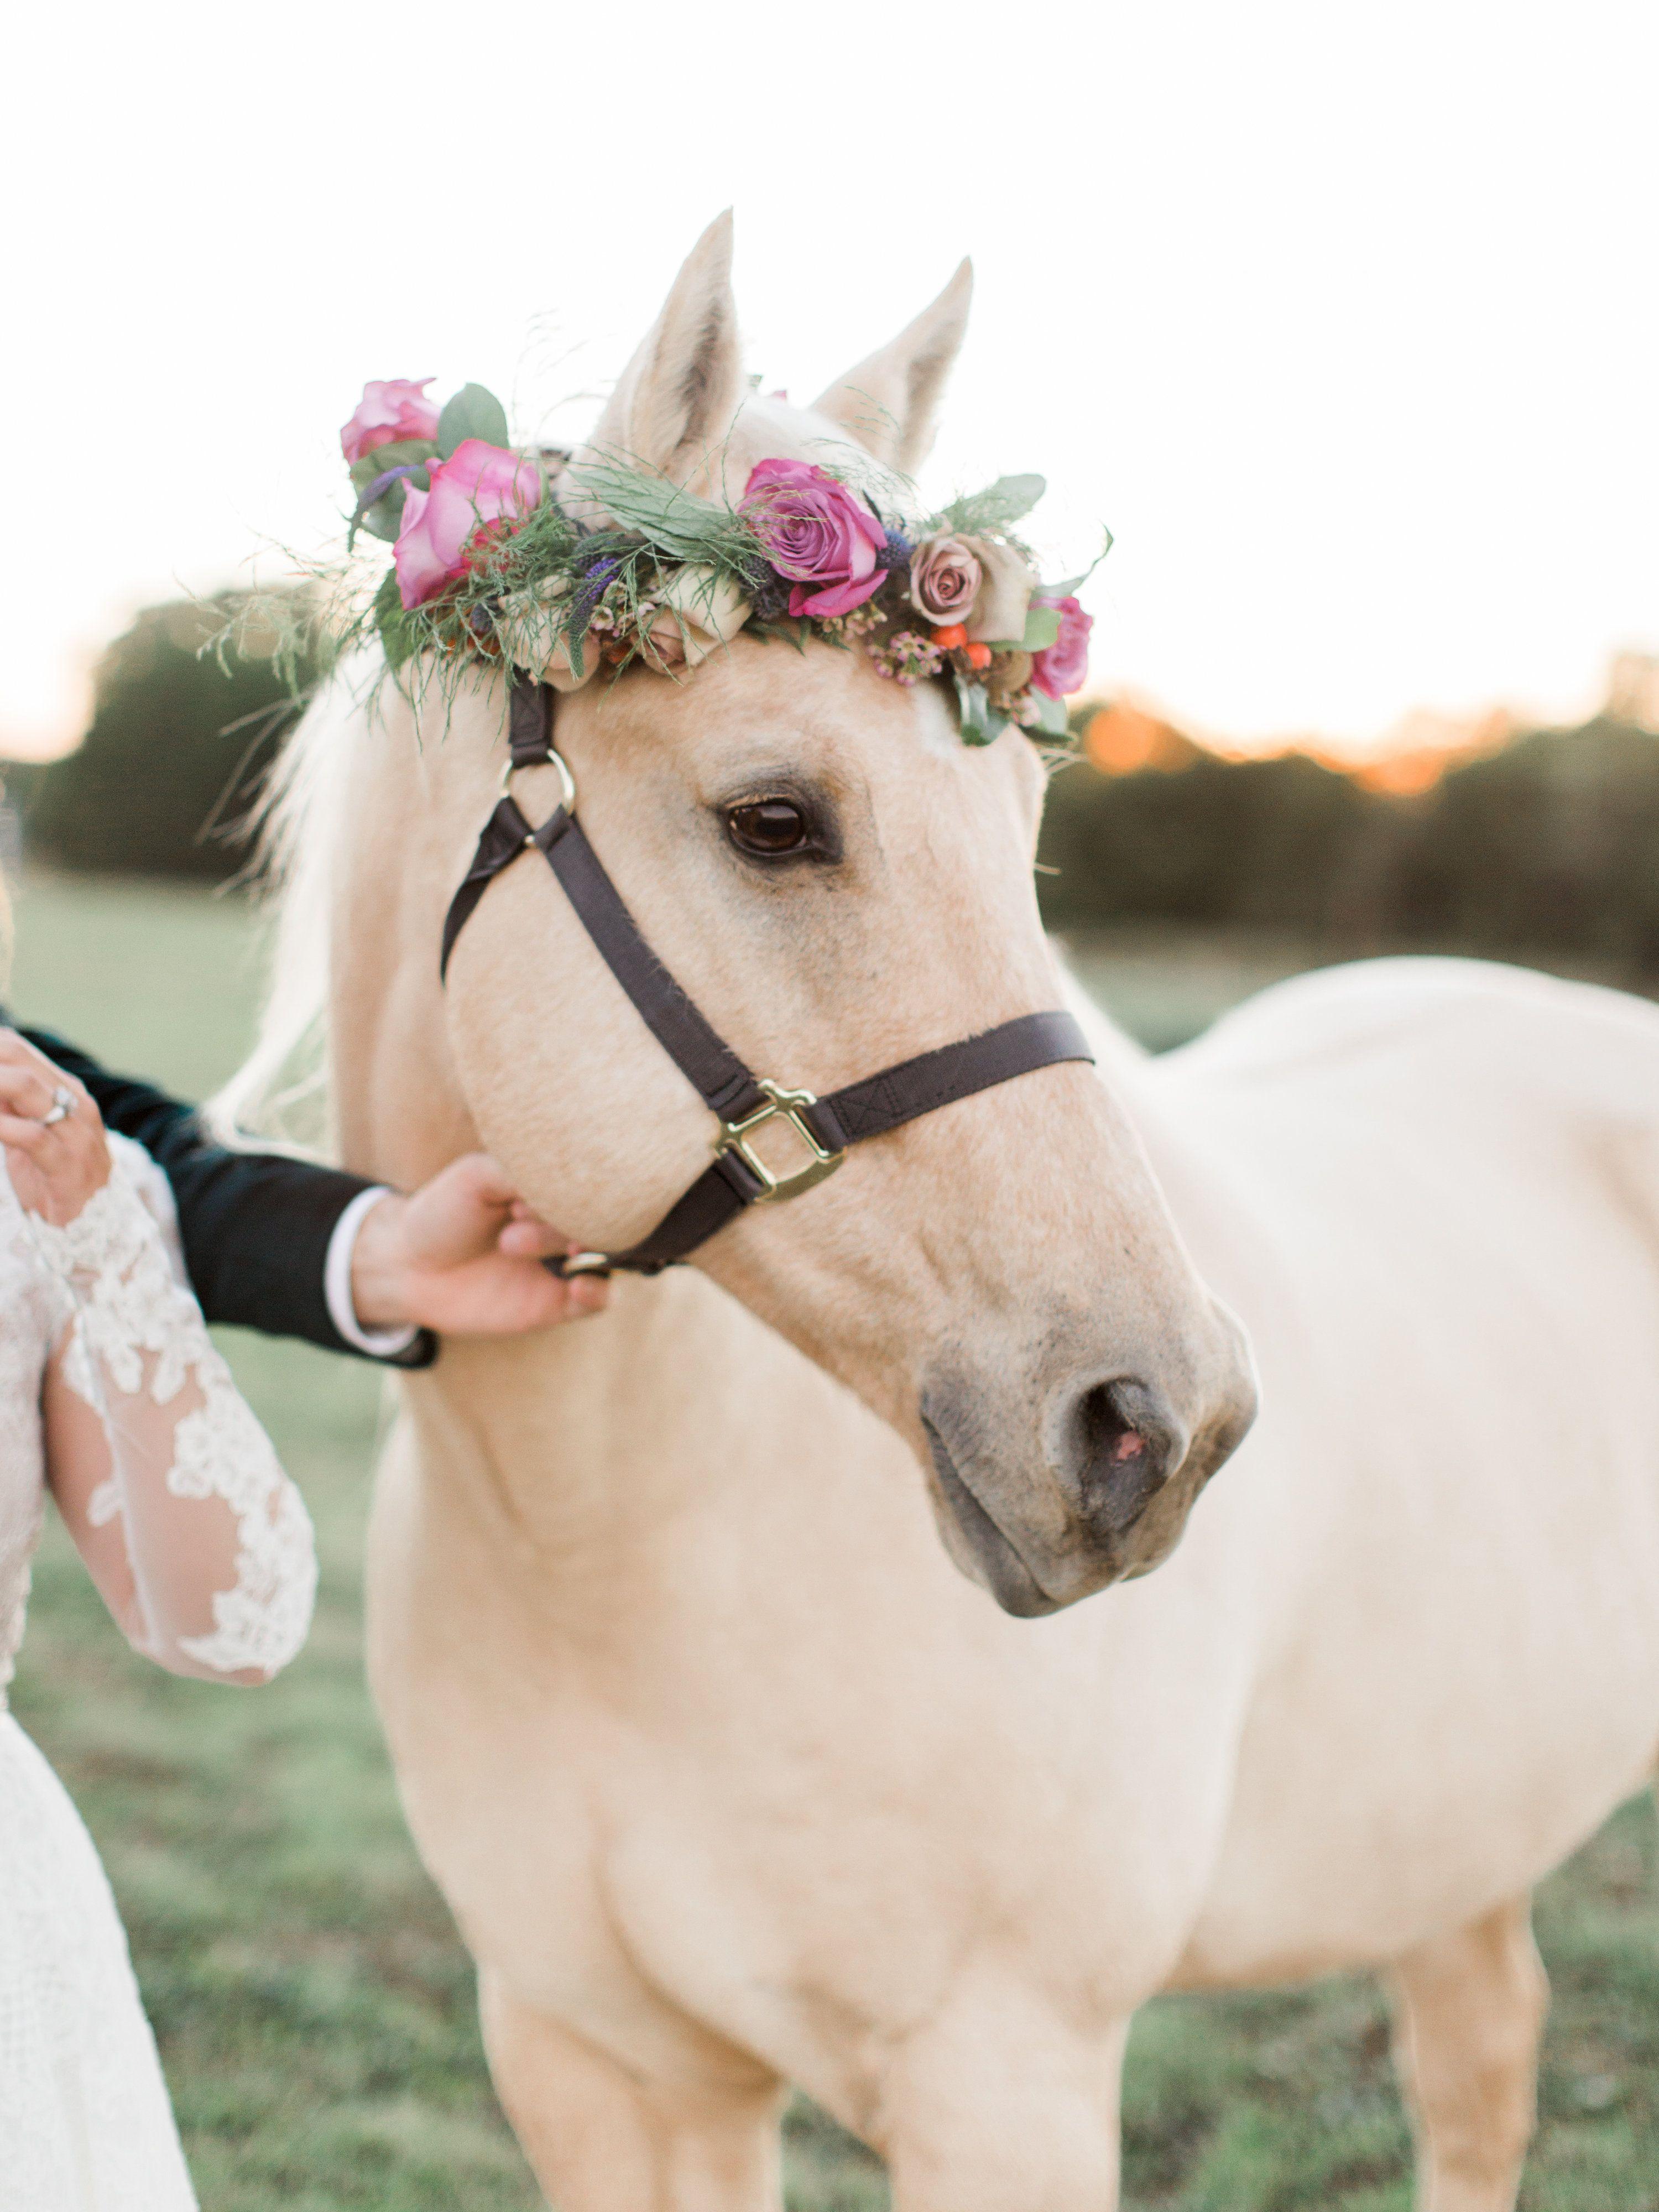 Wonderful Coole Haustiere Gallery Of Pferd Mit Blumenkrone, Tier, Hochzeit